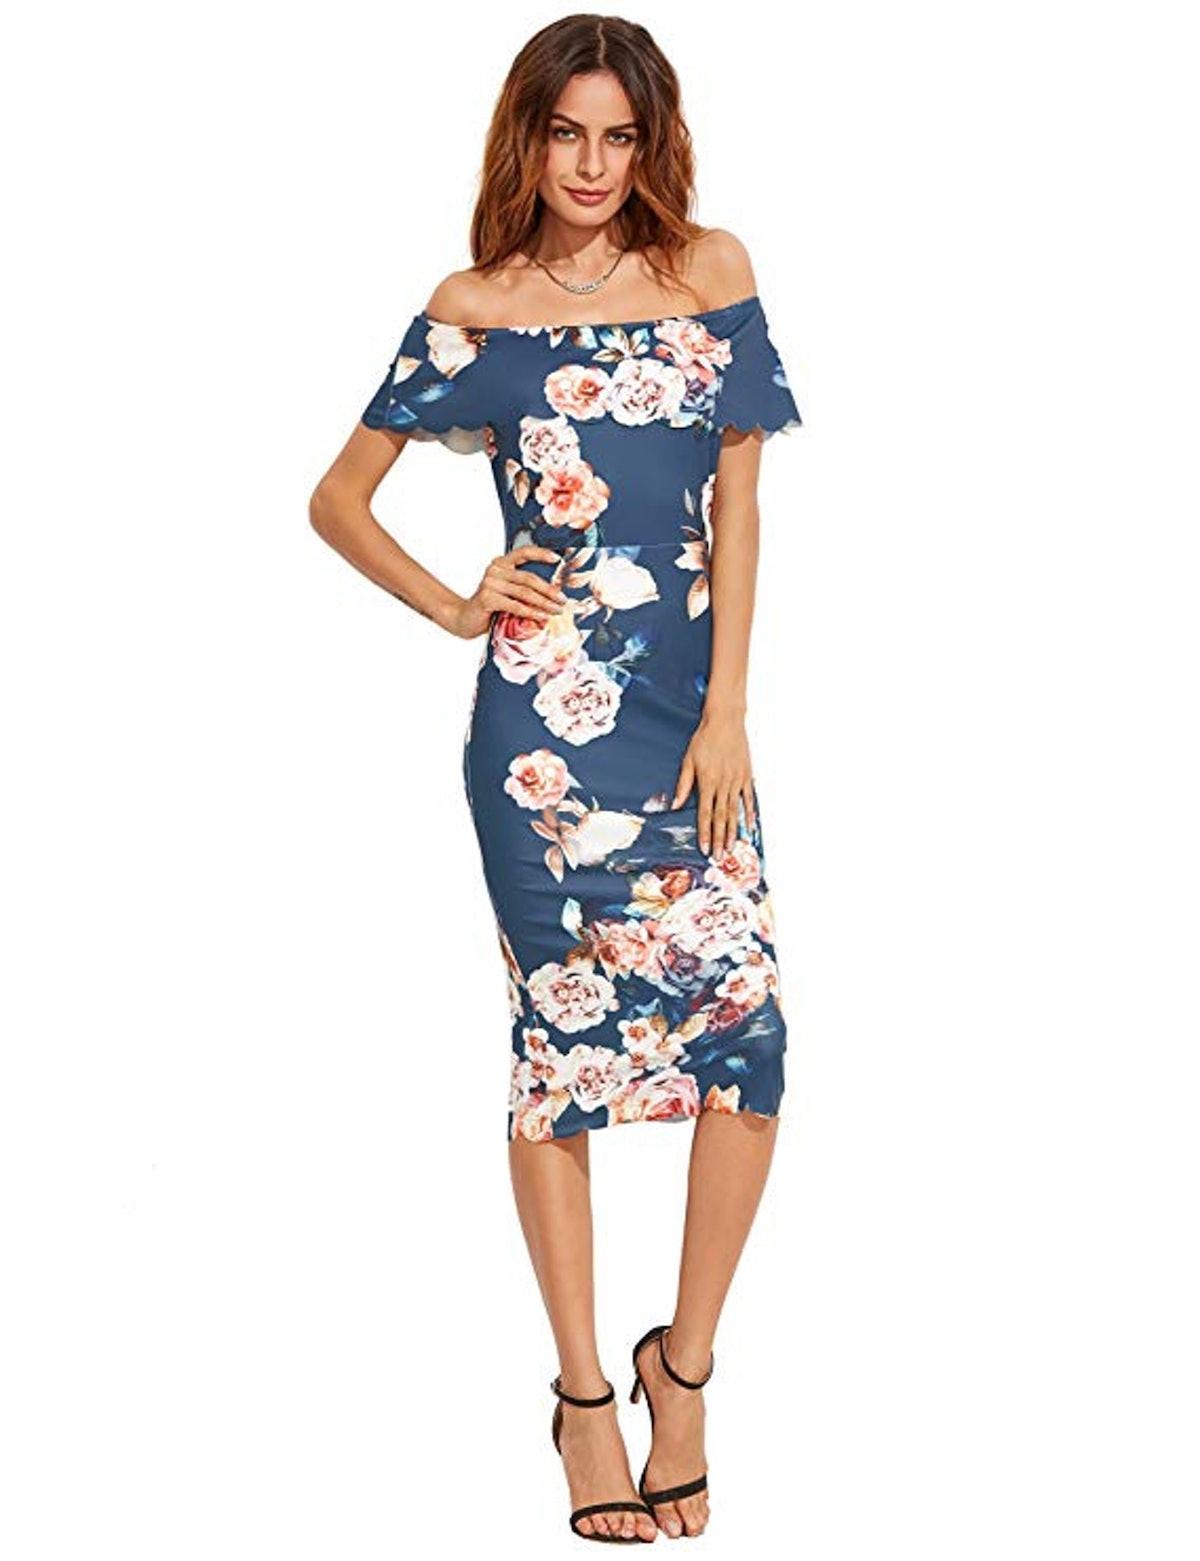 MAKEMECHIC Off-Shoulder Cocktail Dress